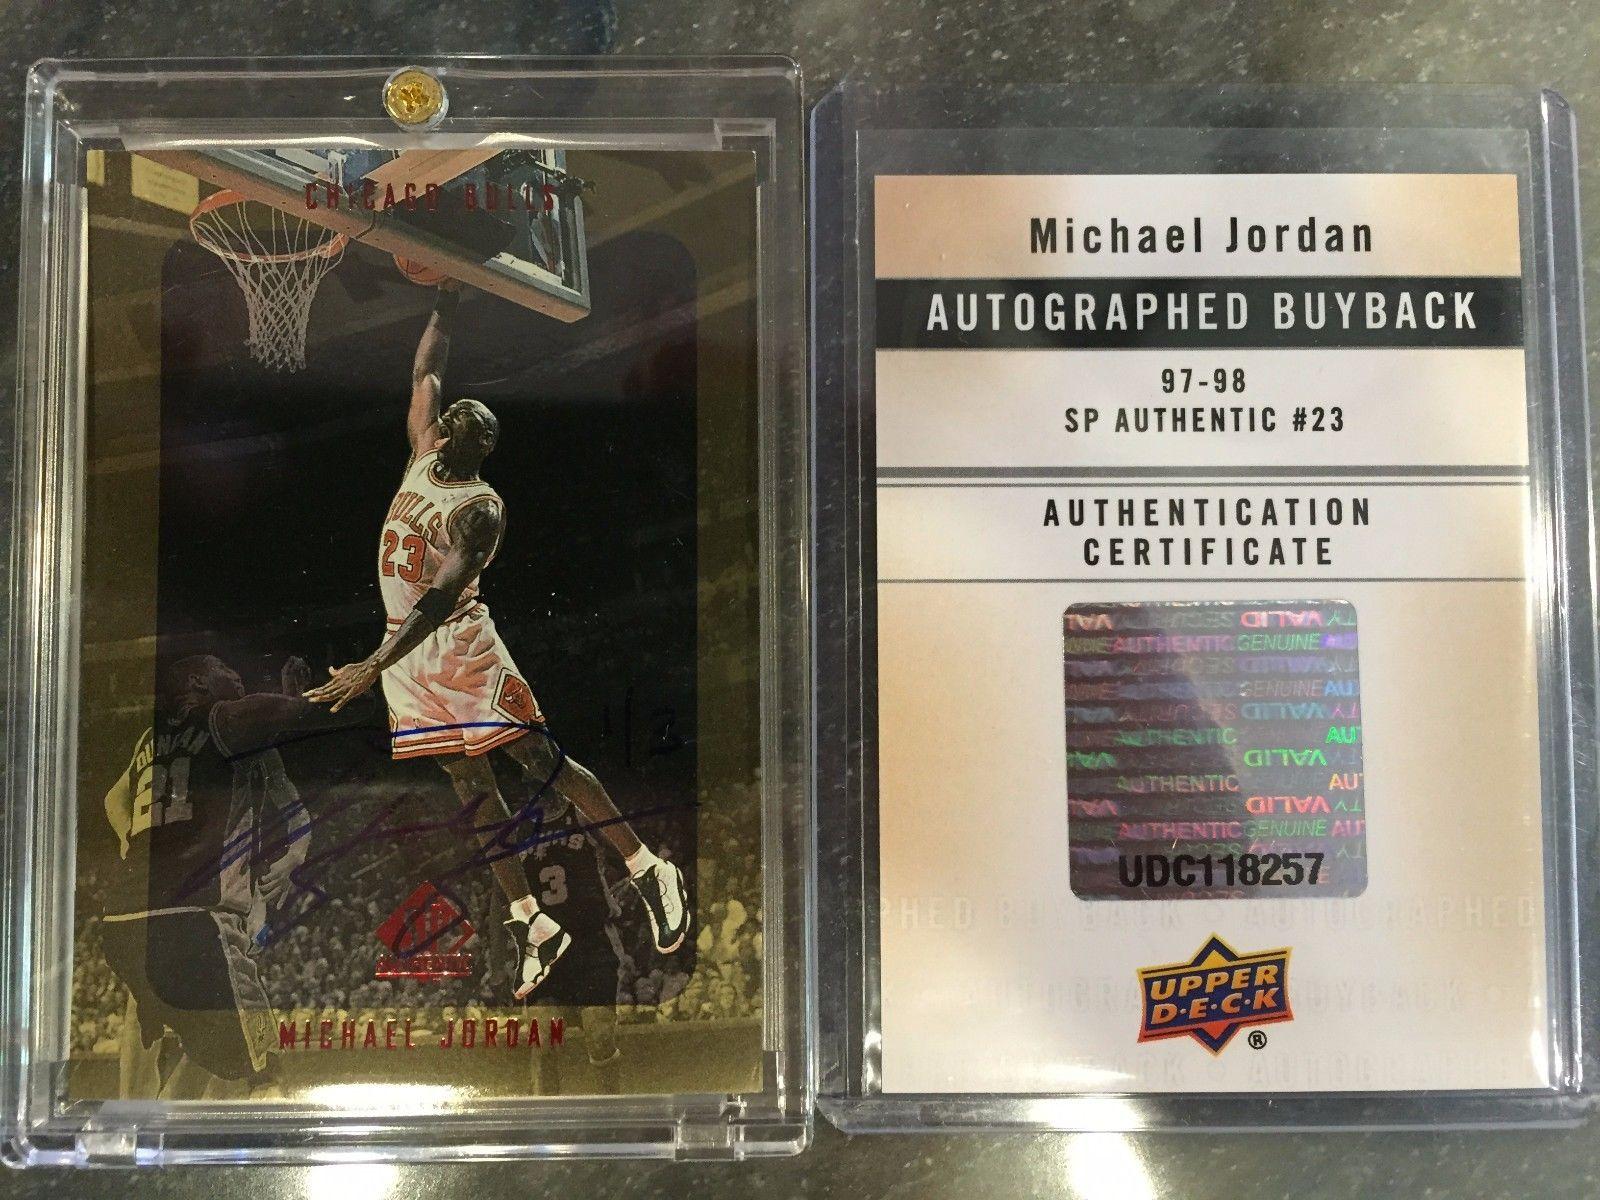 1997 1998 SP Authentic Buyback michael jordan Autograph Signature